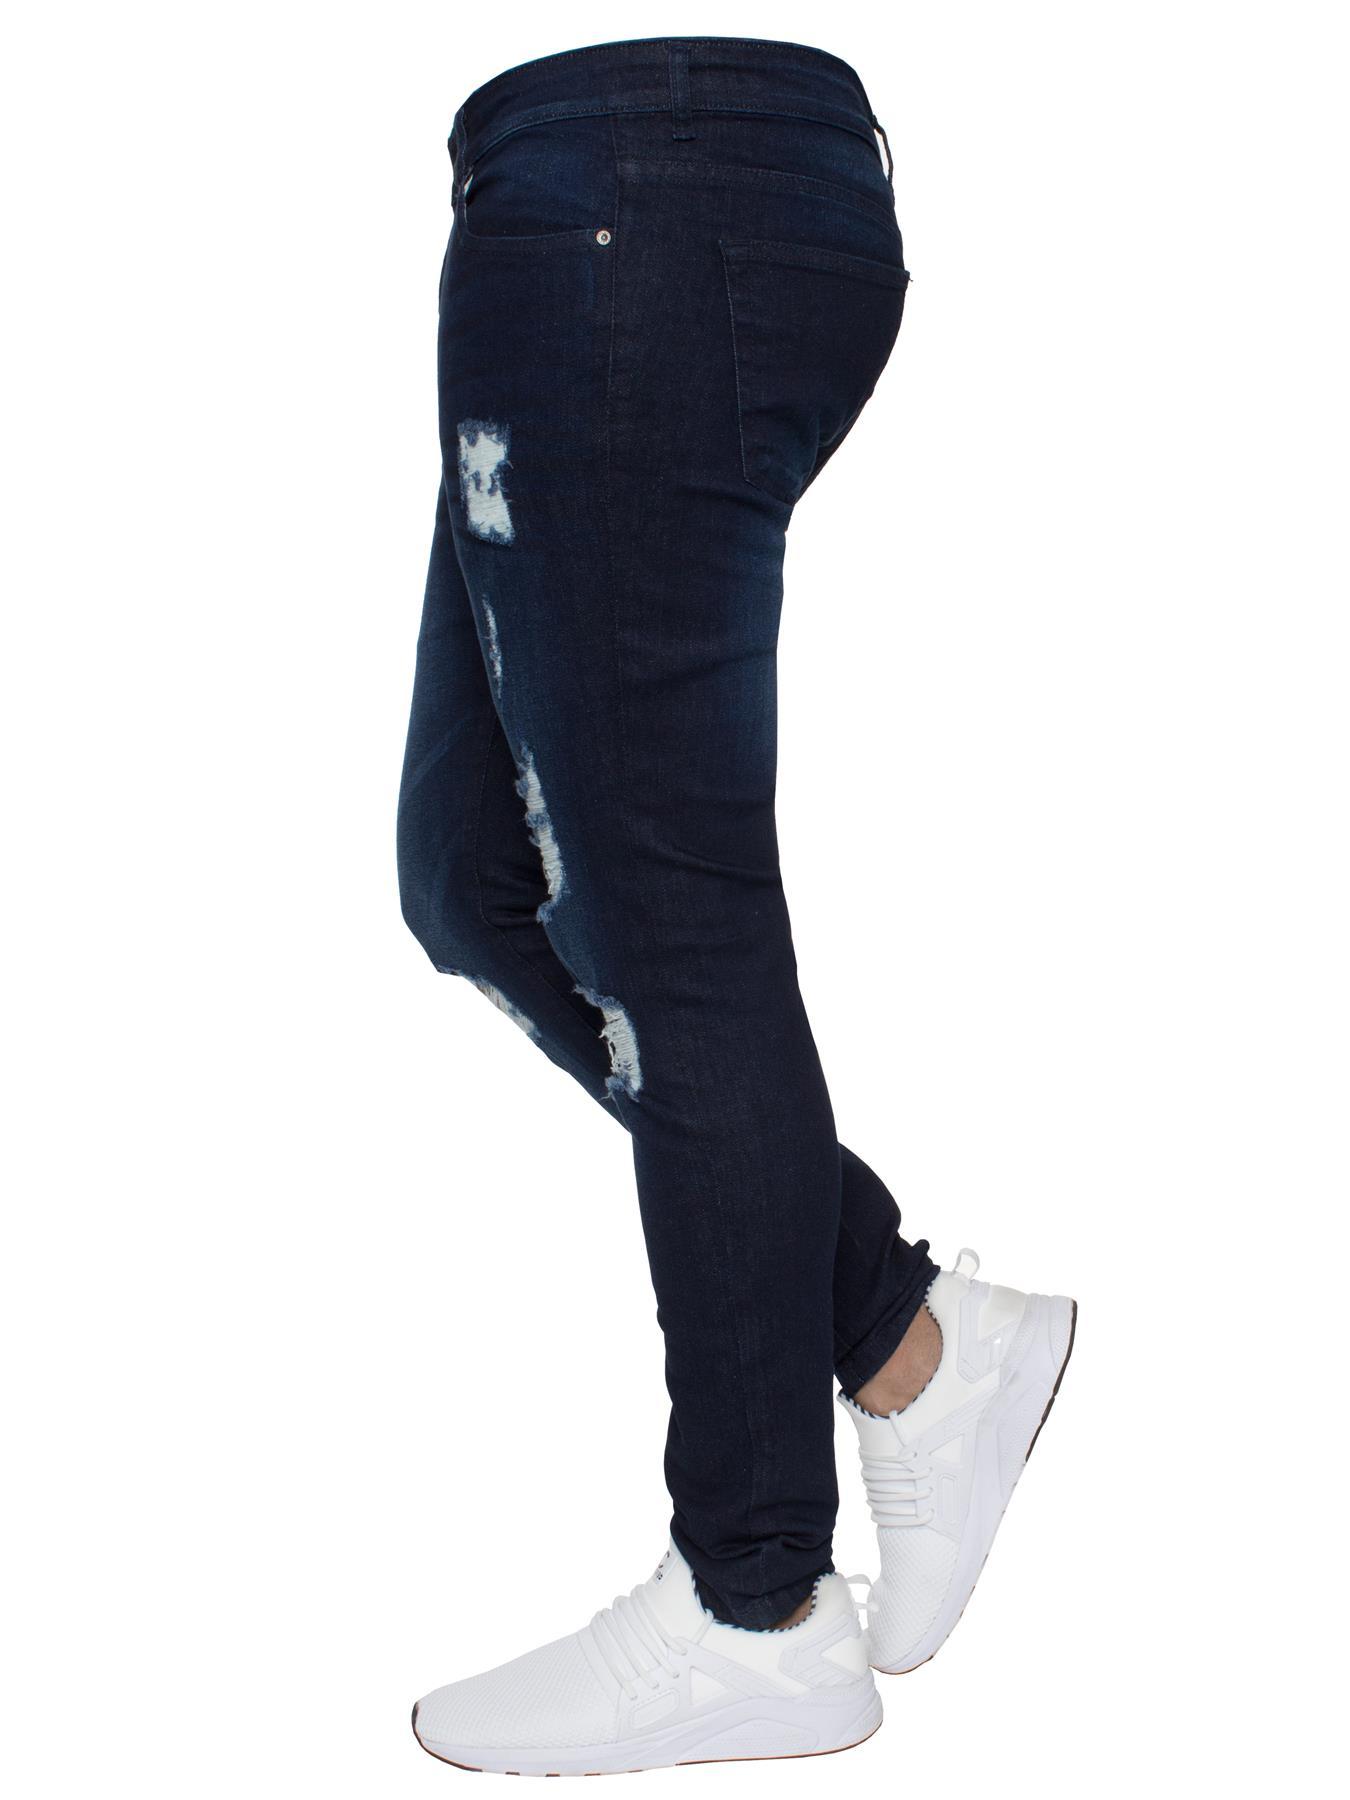 Para-hombre-Super-Skinny-Ripped-Jeans-Pantalones-Ajustados-desgastados-Denim-Envejecido-Todas miniatura 9